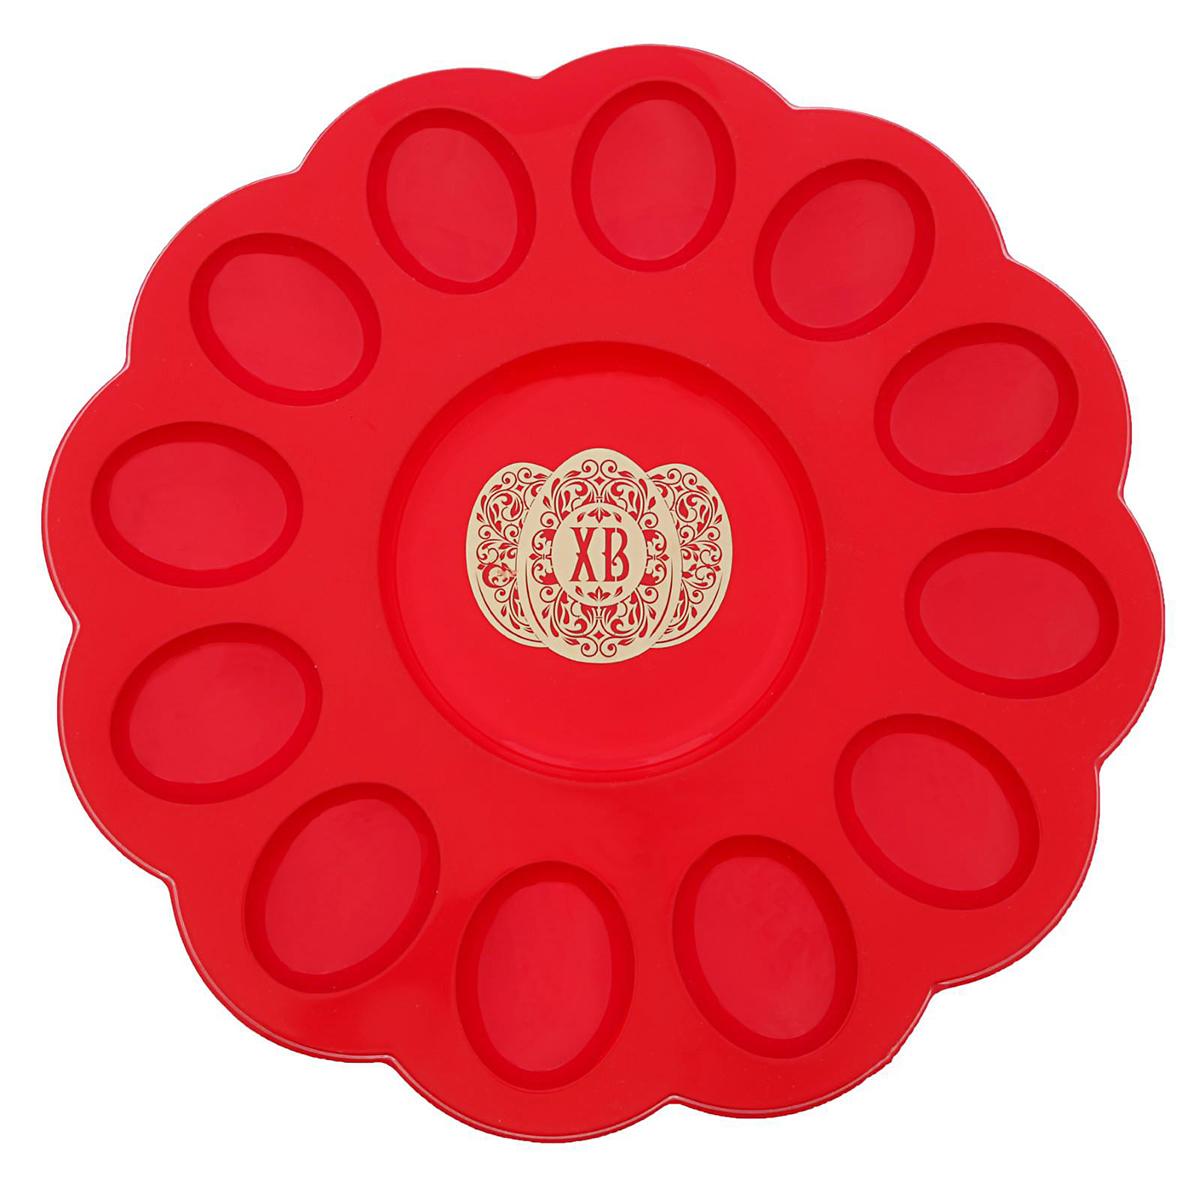 Подставка для яйца ХВ. Яйца, цвет: красный, на 12 яиц и кулич, 30 х 30 см. 1653909 подставка для яйца городетская на 8 яиц и кулич 24 х 25 см 1653890